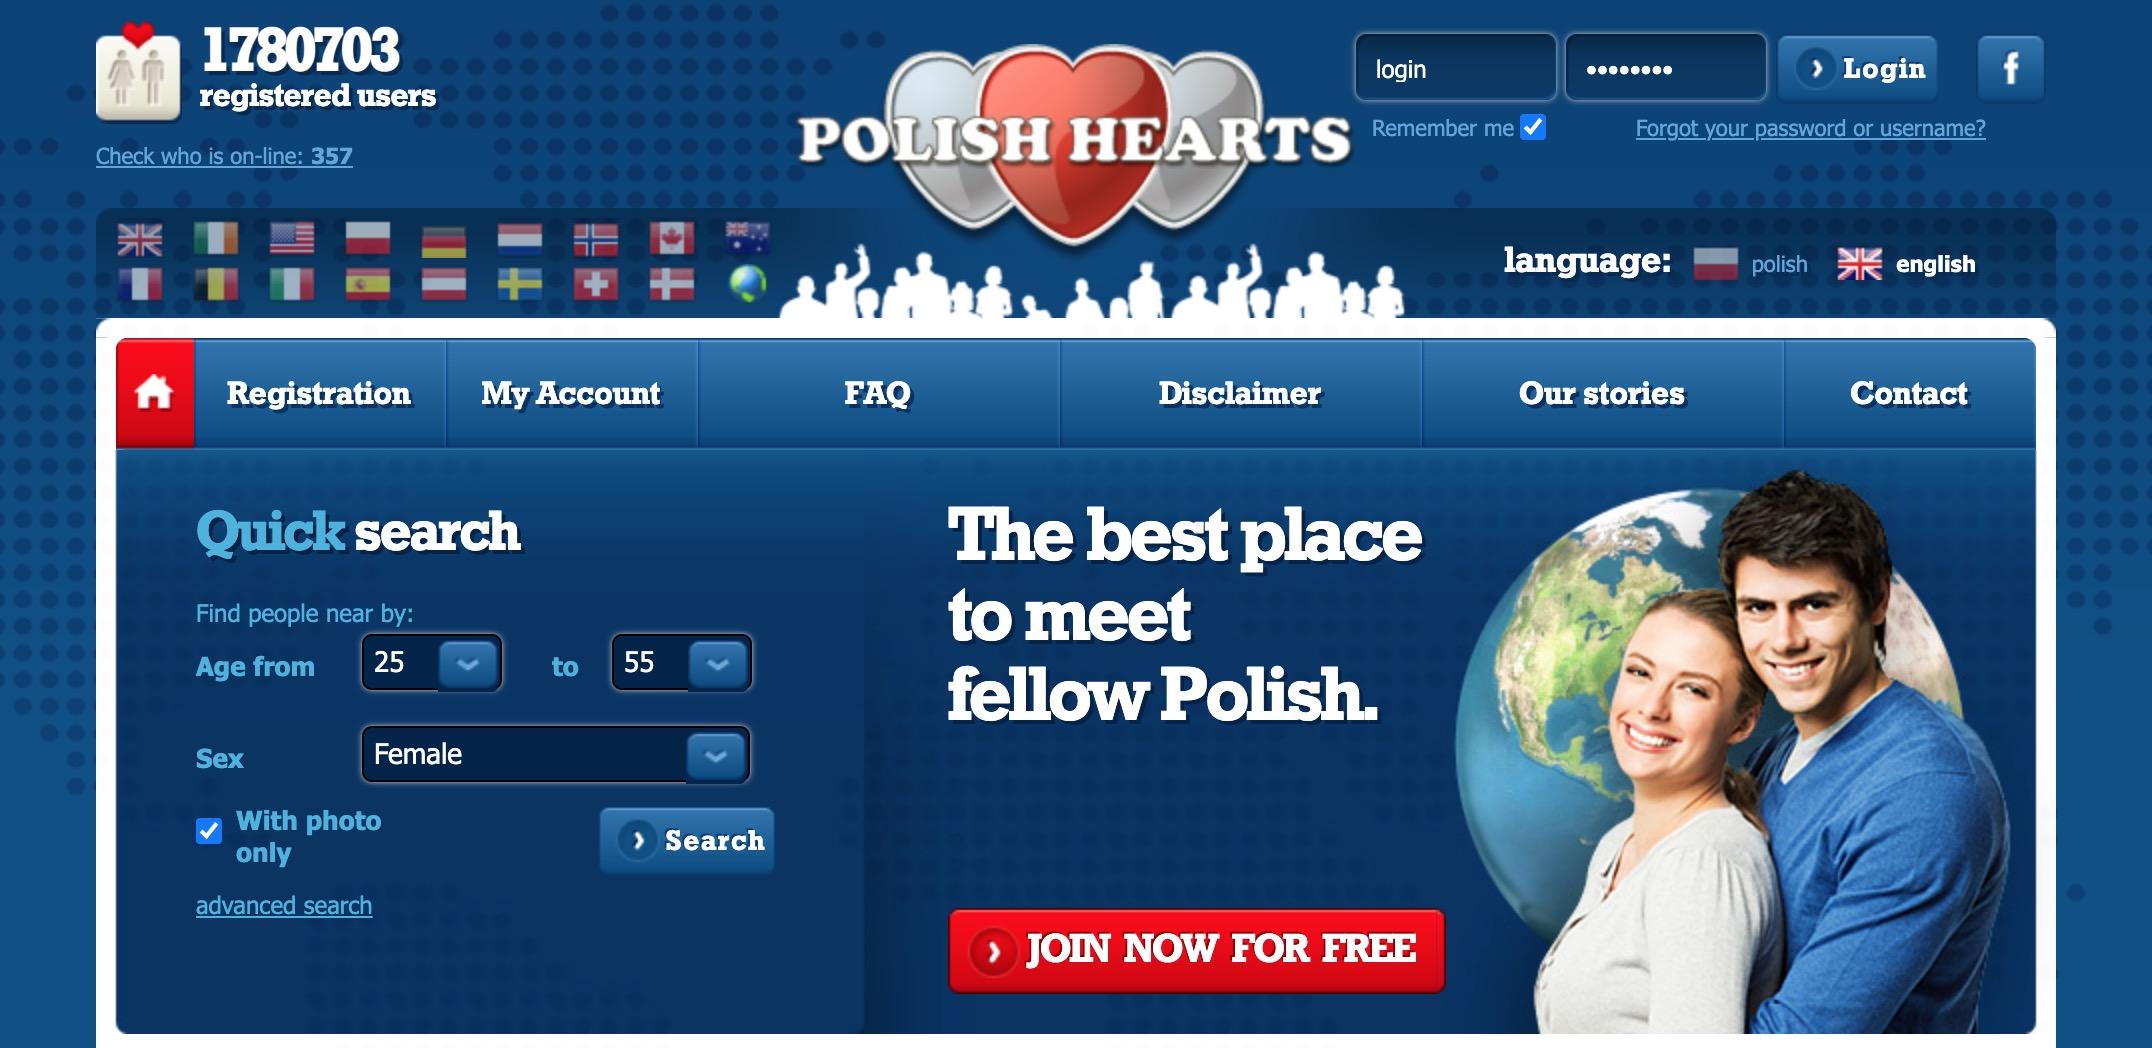 PolishHearts main page